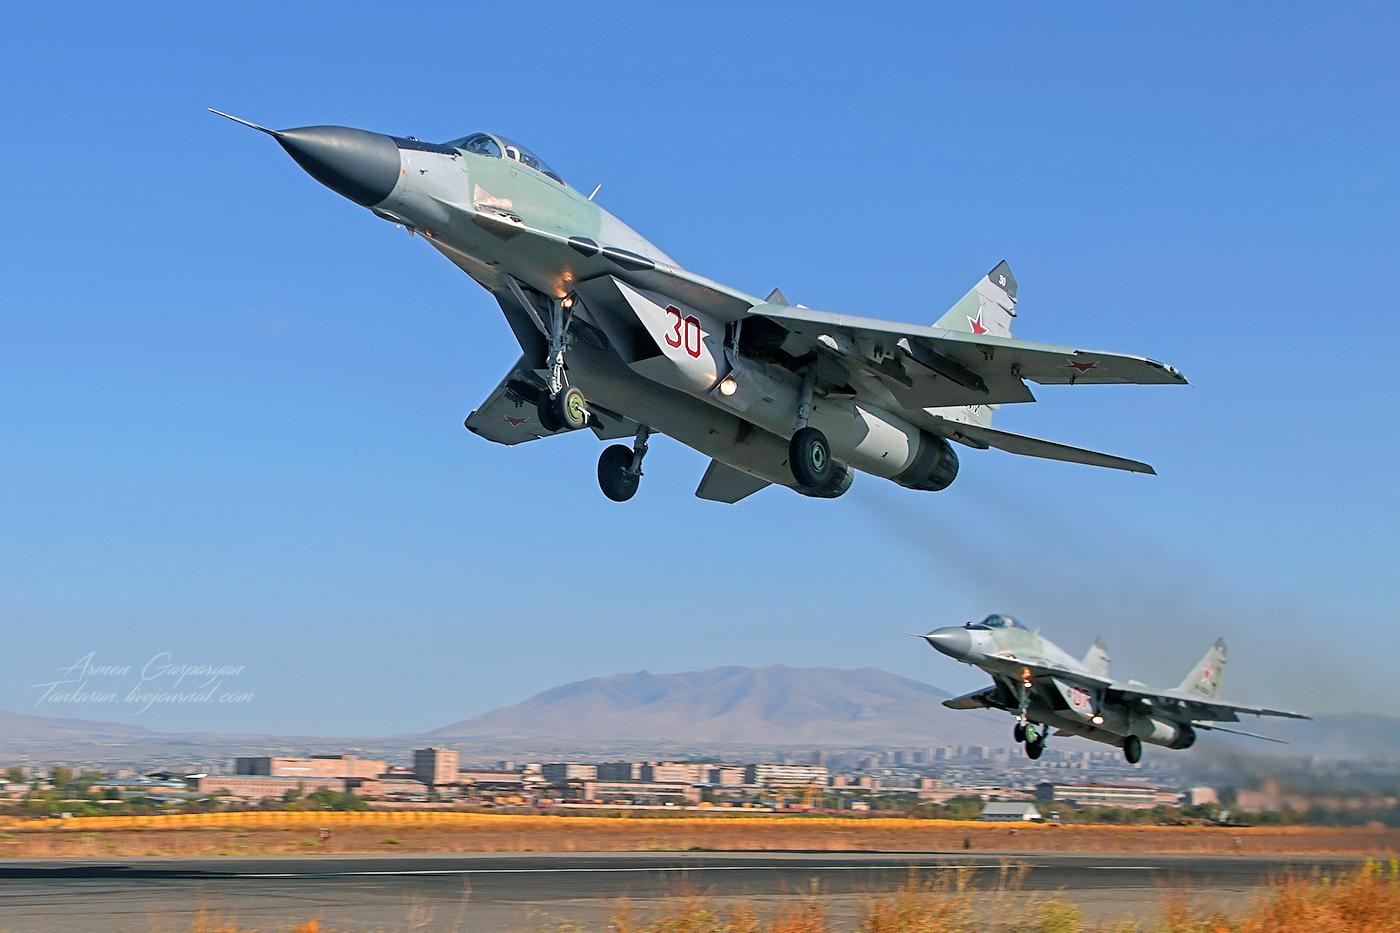 Взлет пары истребителей МиГ-29 ВКС России,  3624-я авиационная база в аэропорту «Эребуни», Армения, 12.03.2016